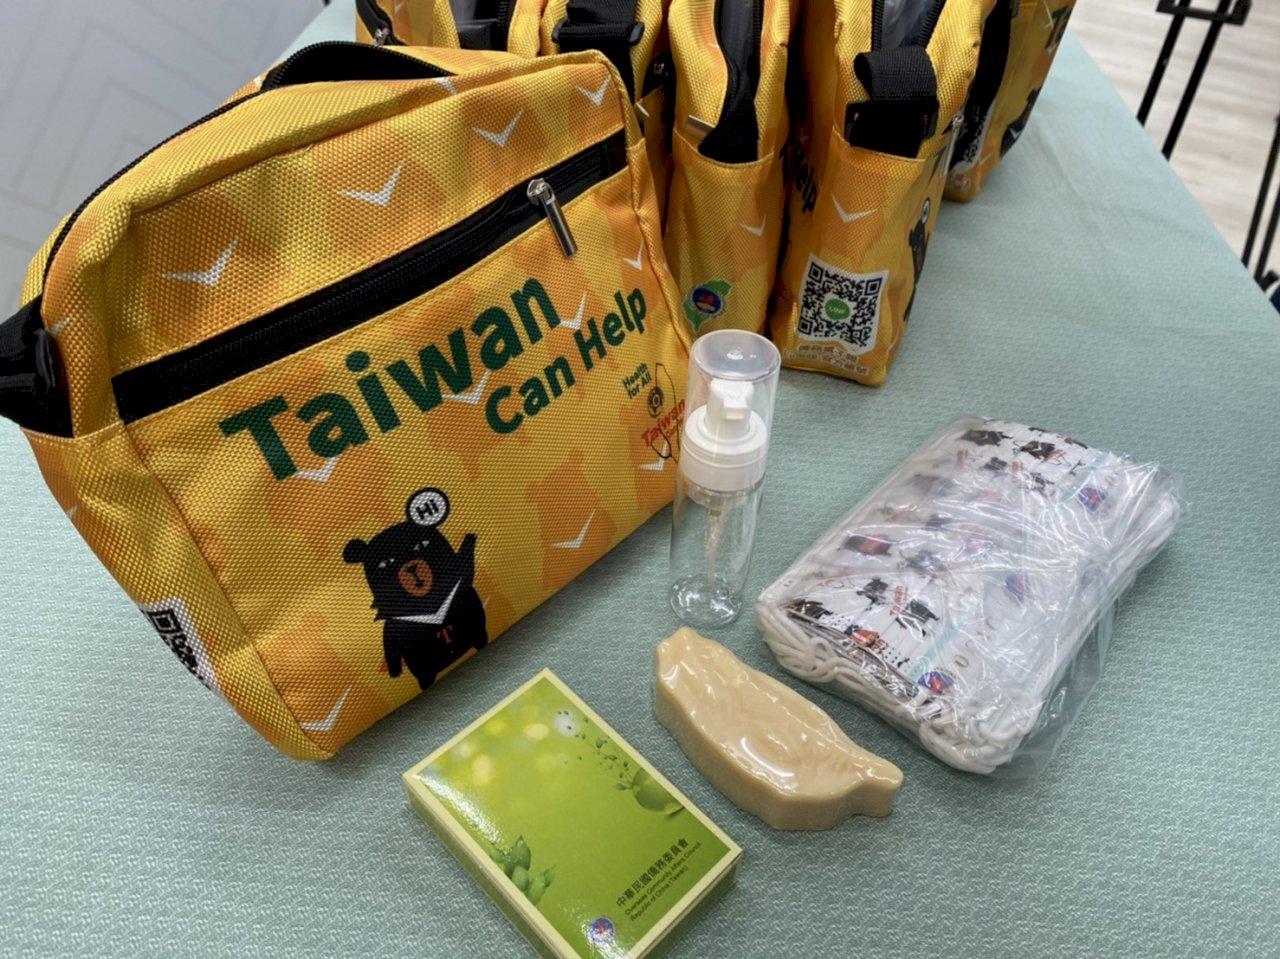 台灣「喔熊」跨出南向飛全球!防疫關懷包送暖僑胞 爭取國際聲量